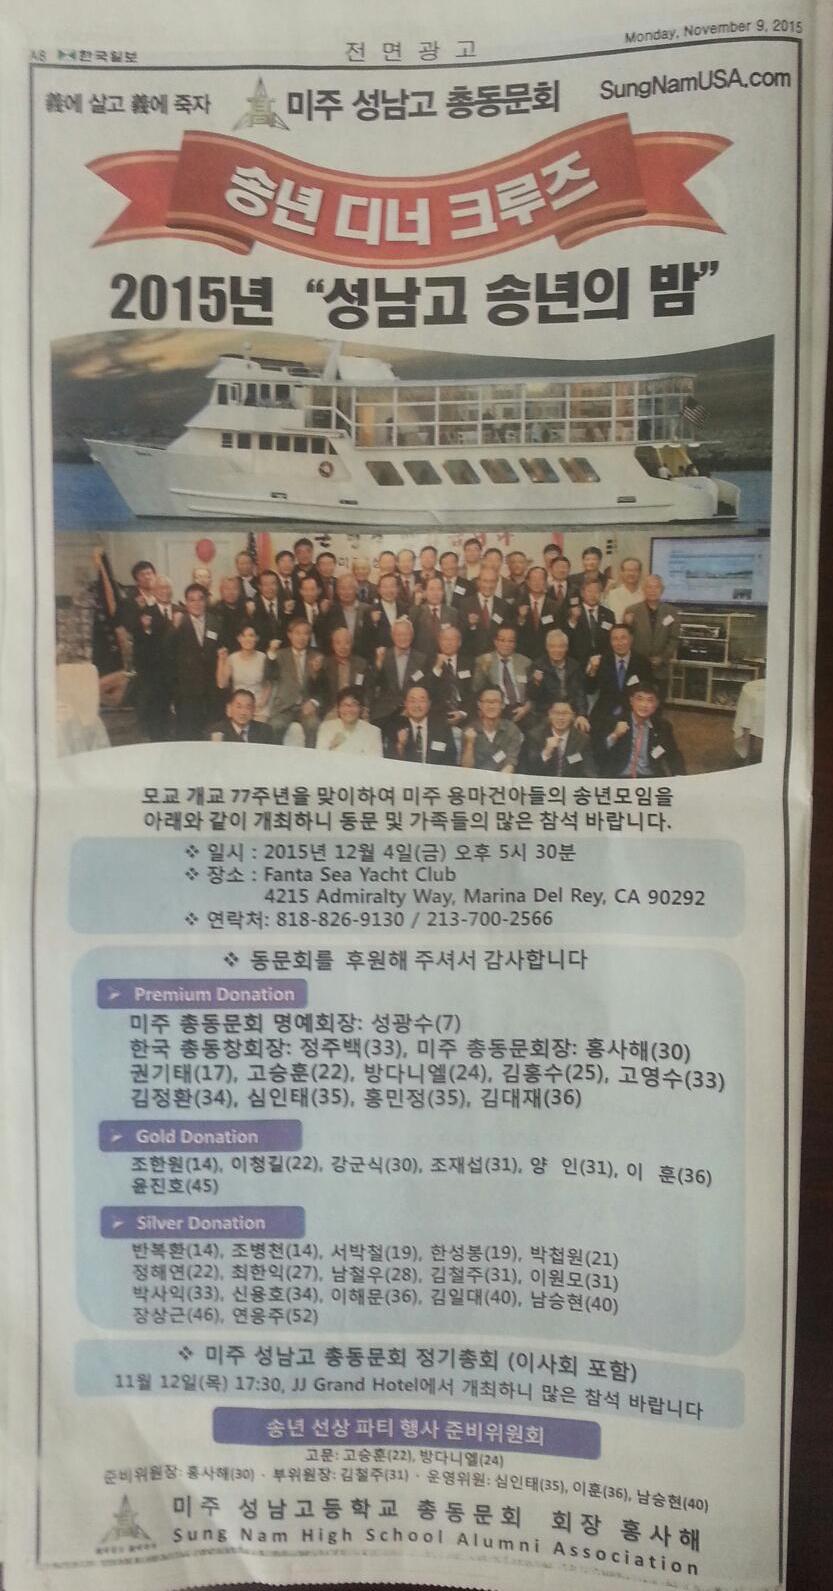 11-9월 한국일보 전면광고.jpg